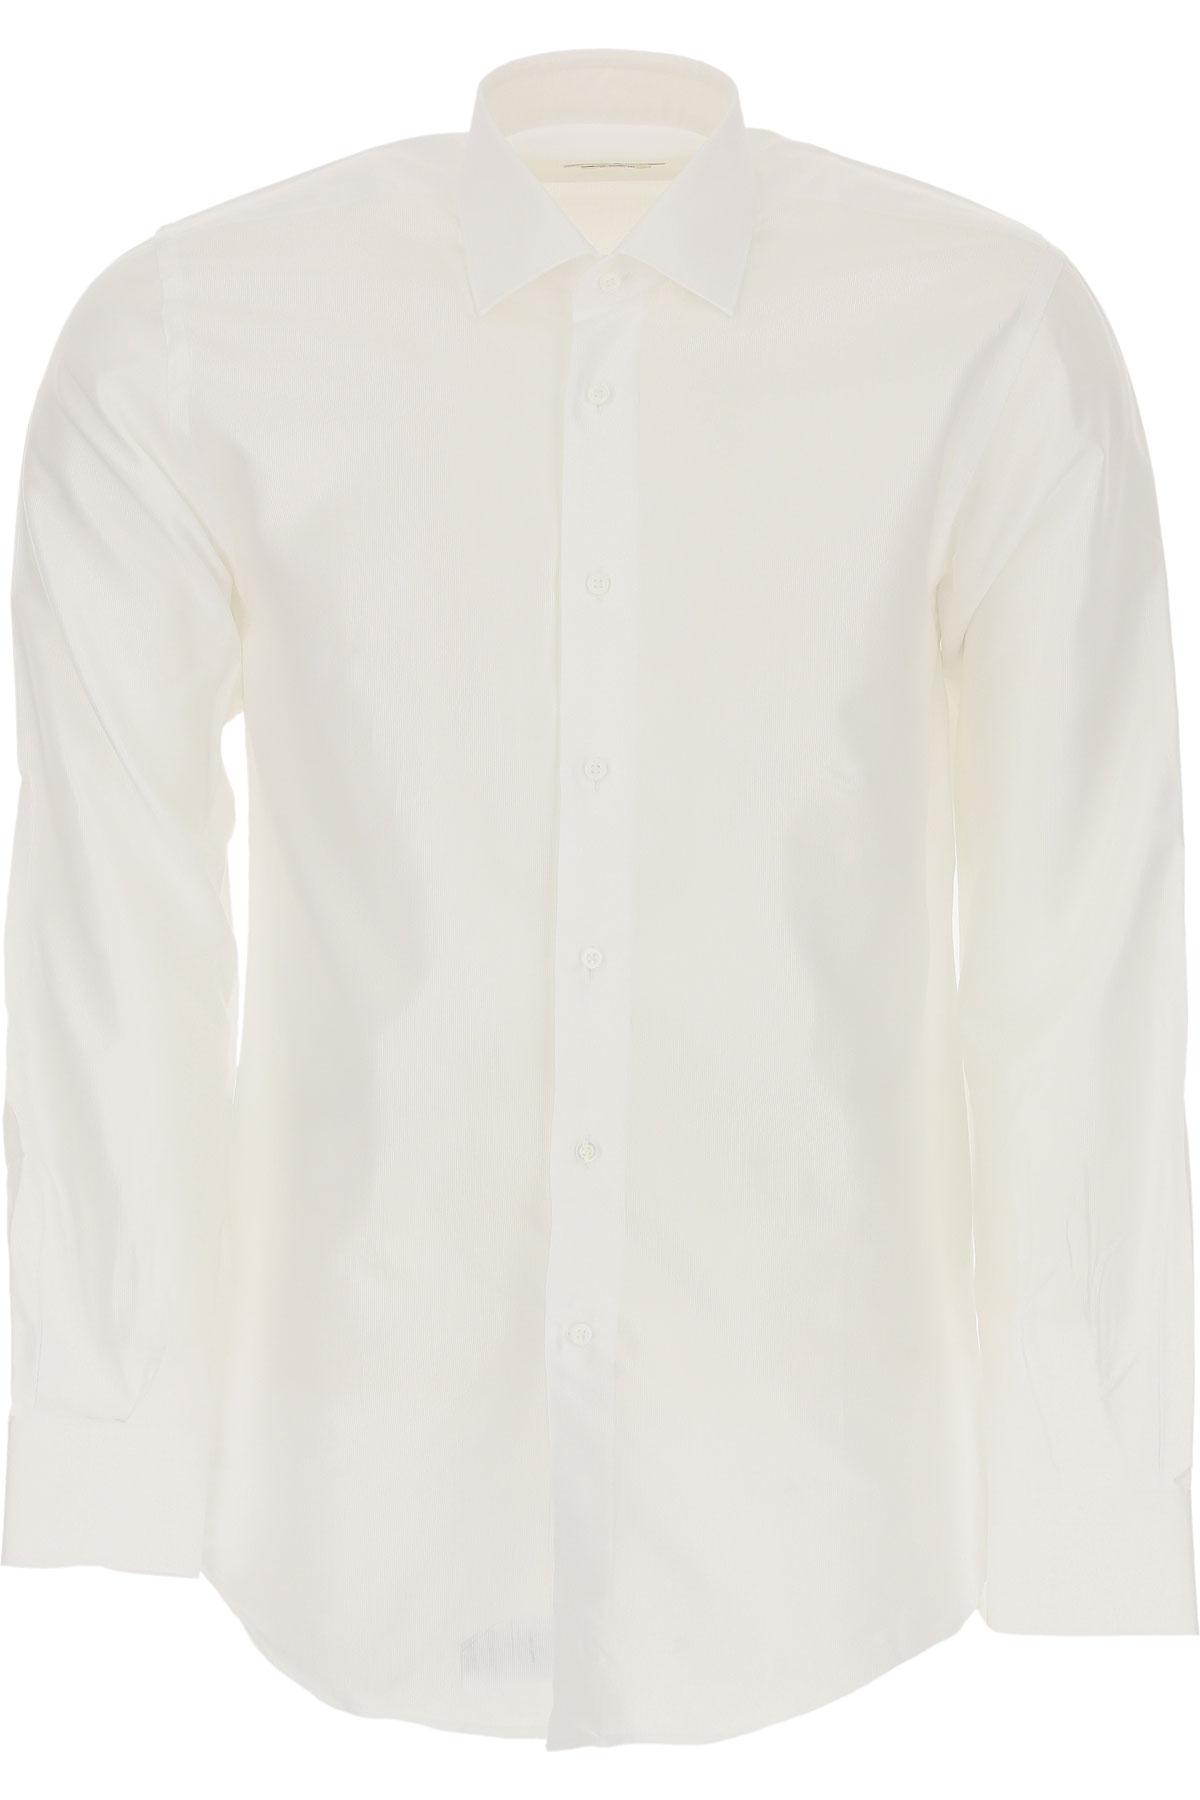 Del Siena Chemise Homme, Blanc, Coton, 2019, 40 41 43